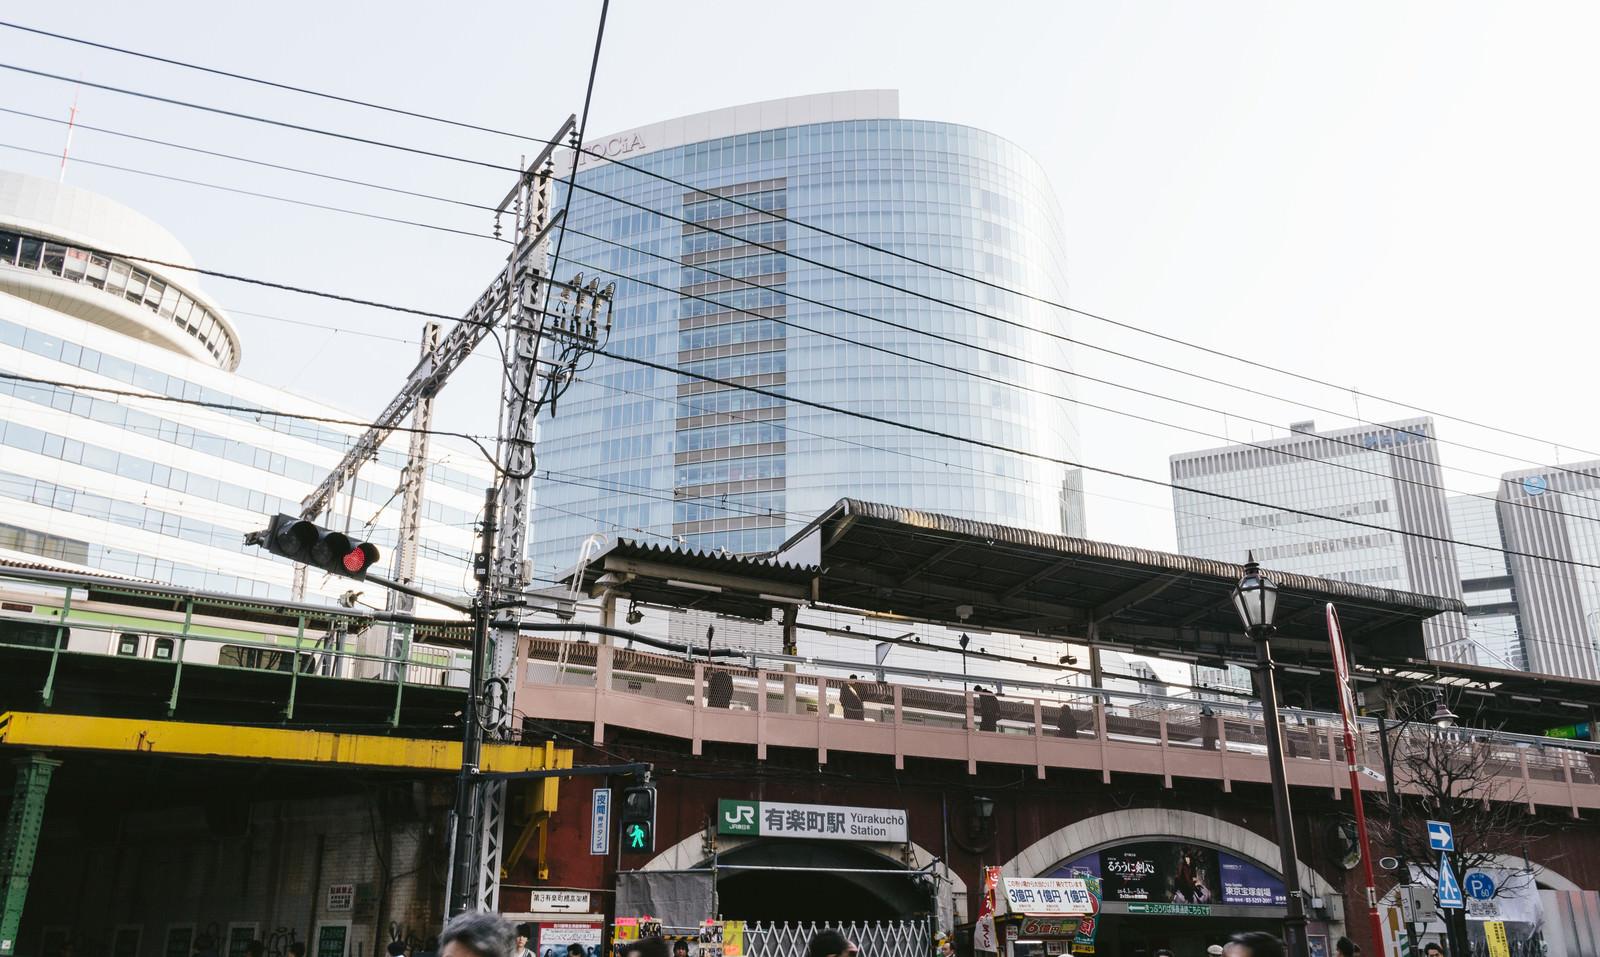 「有楽町駅を出てすぐ」の写真